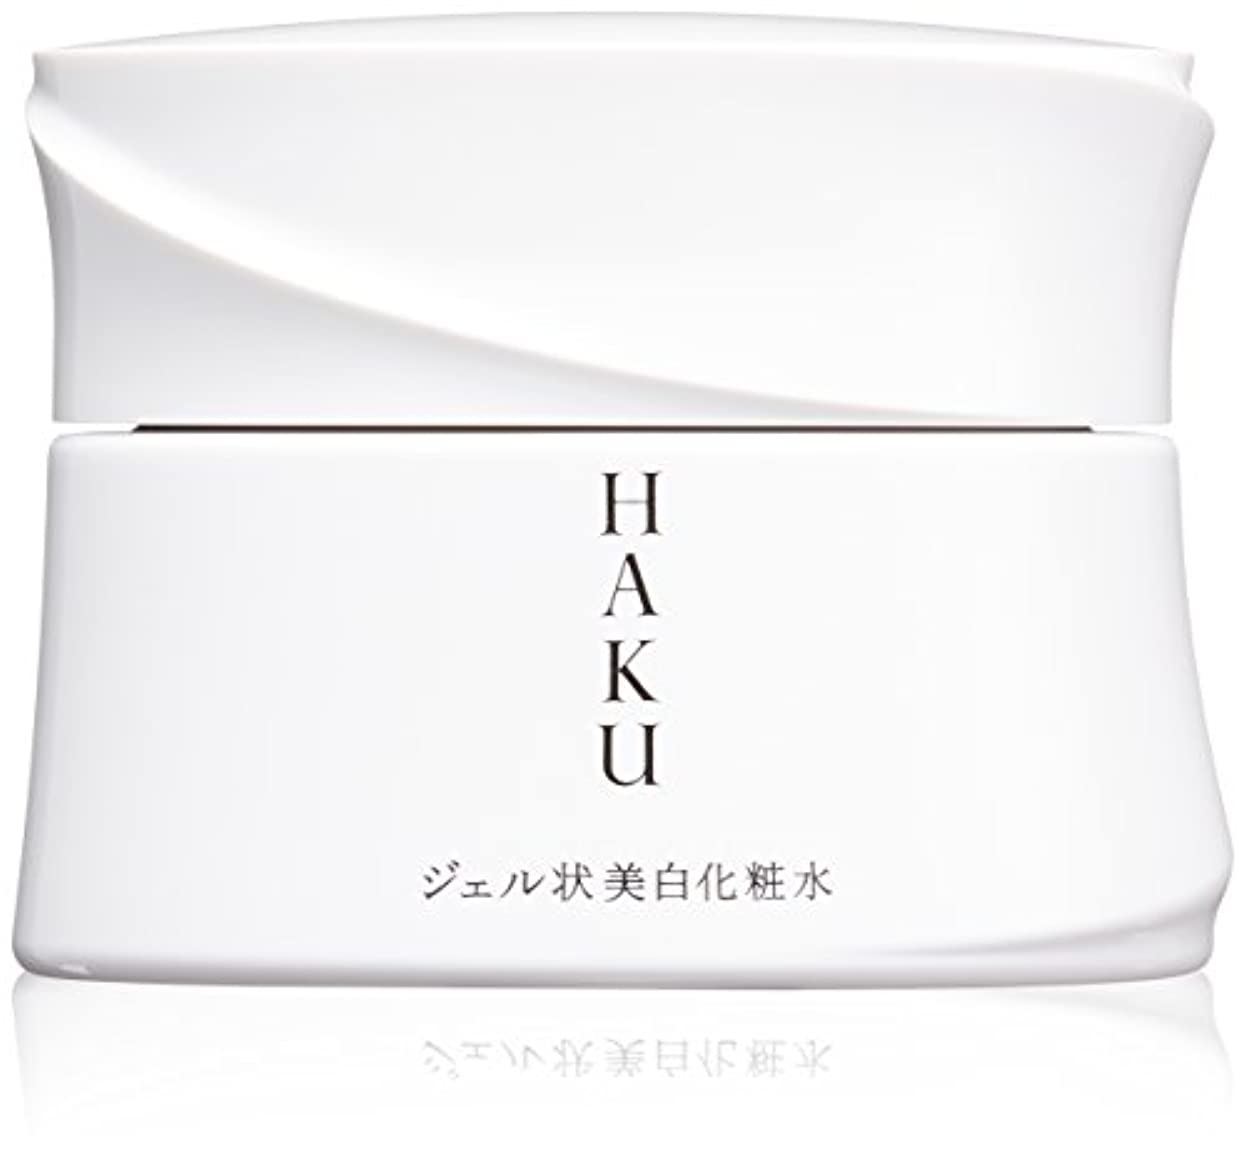 提出するスムーズにリルHAKU メラノディープモイスチャー 美白化粧水 100g 【医薬部外品】